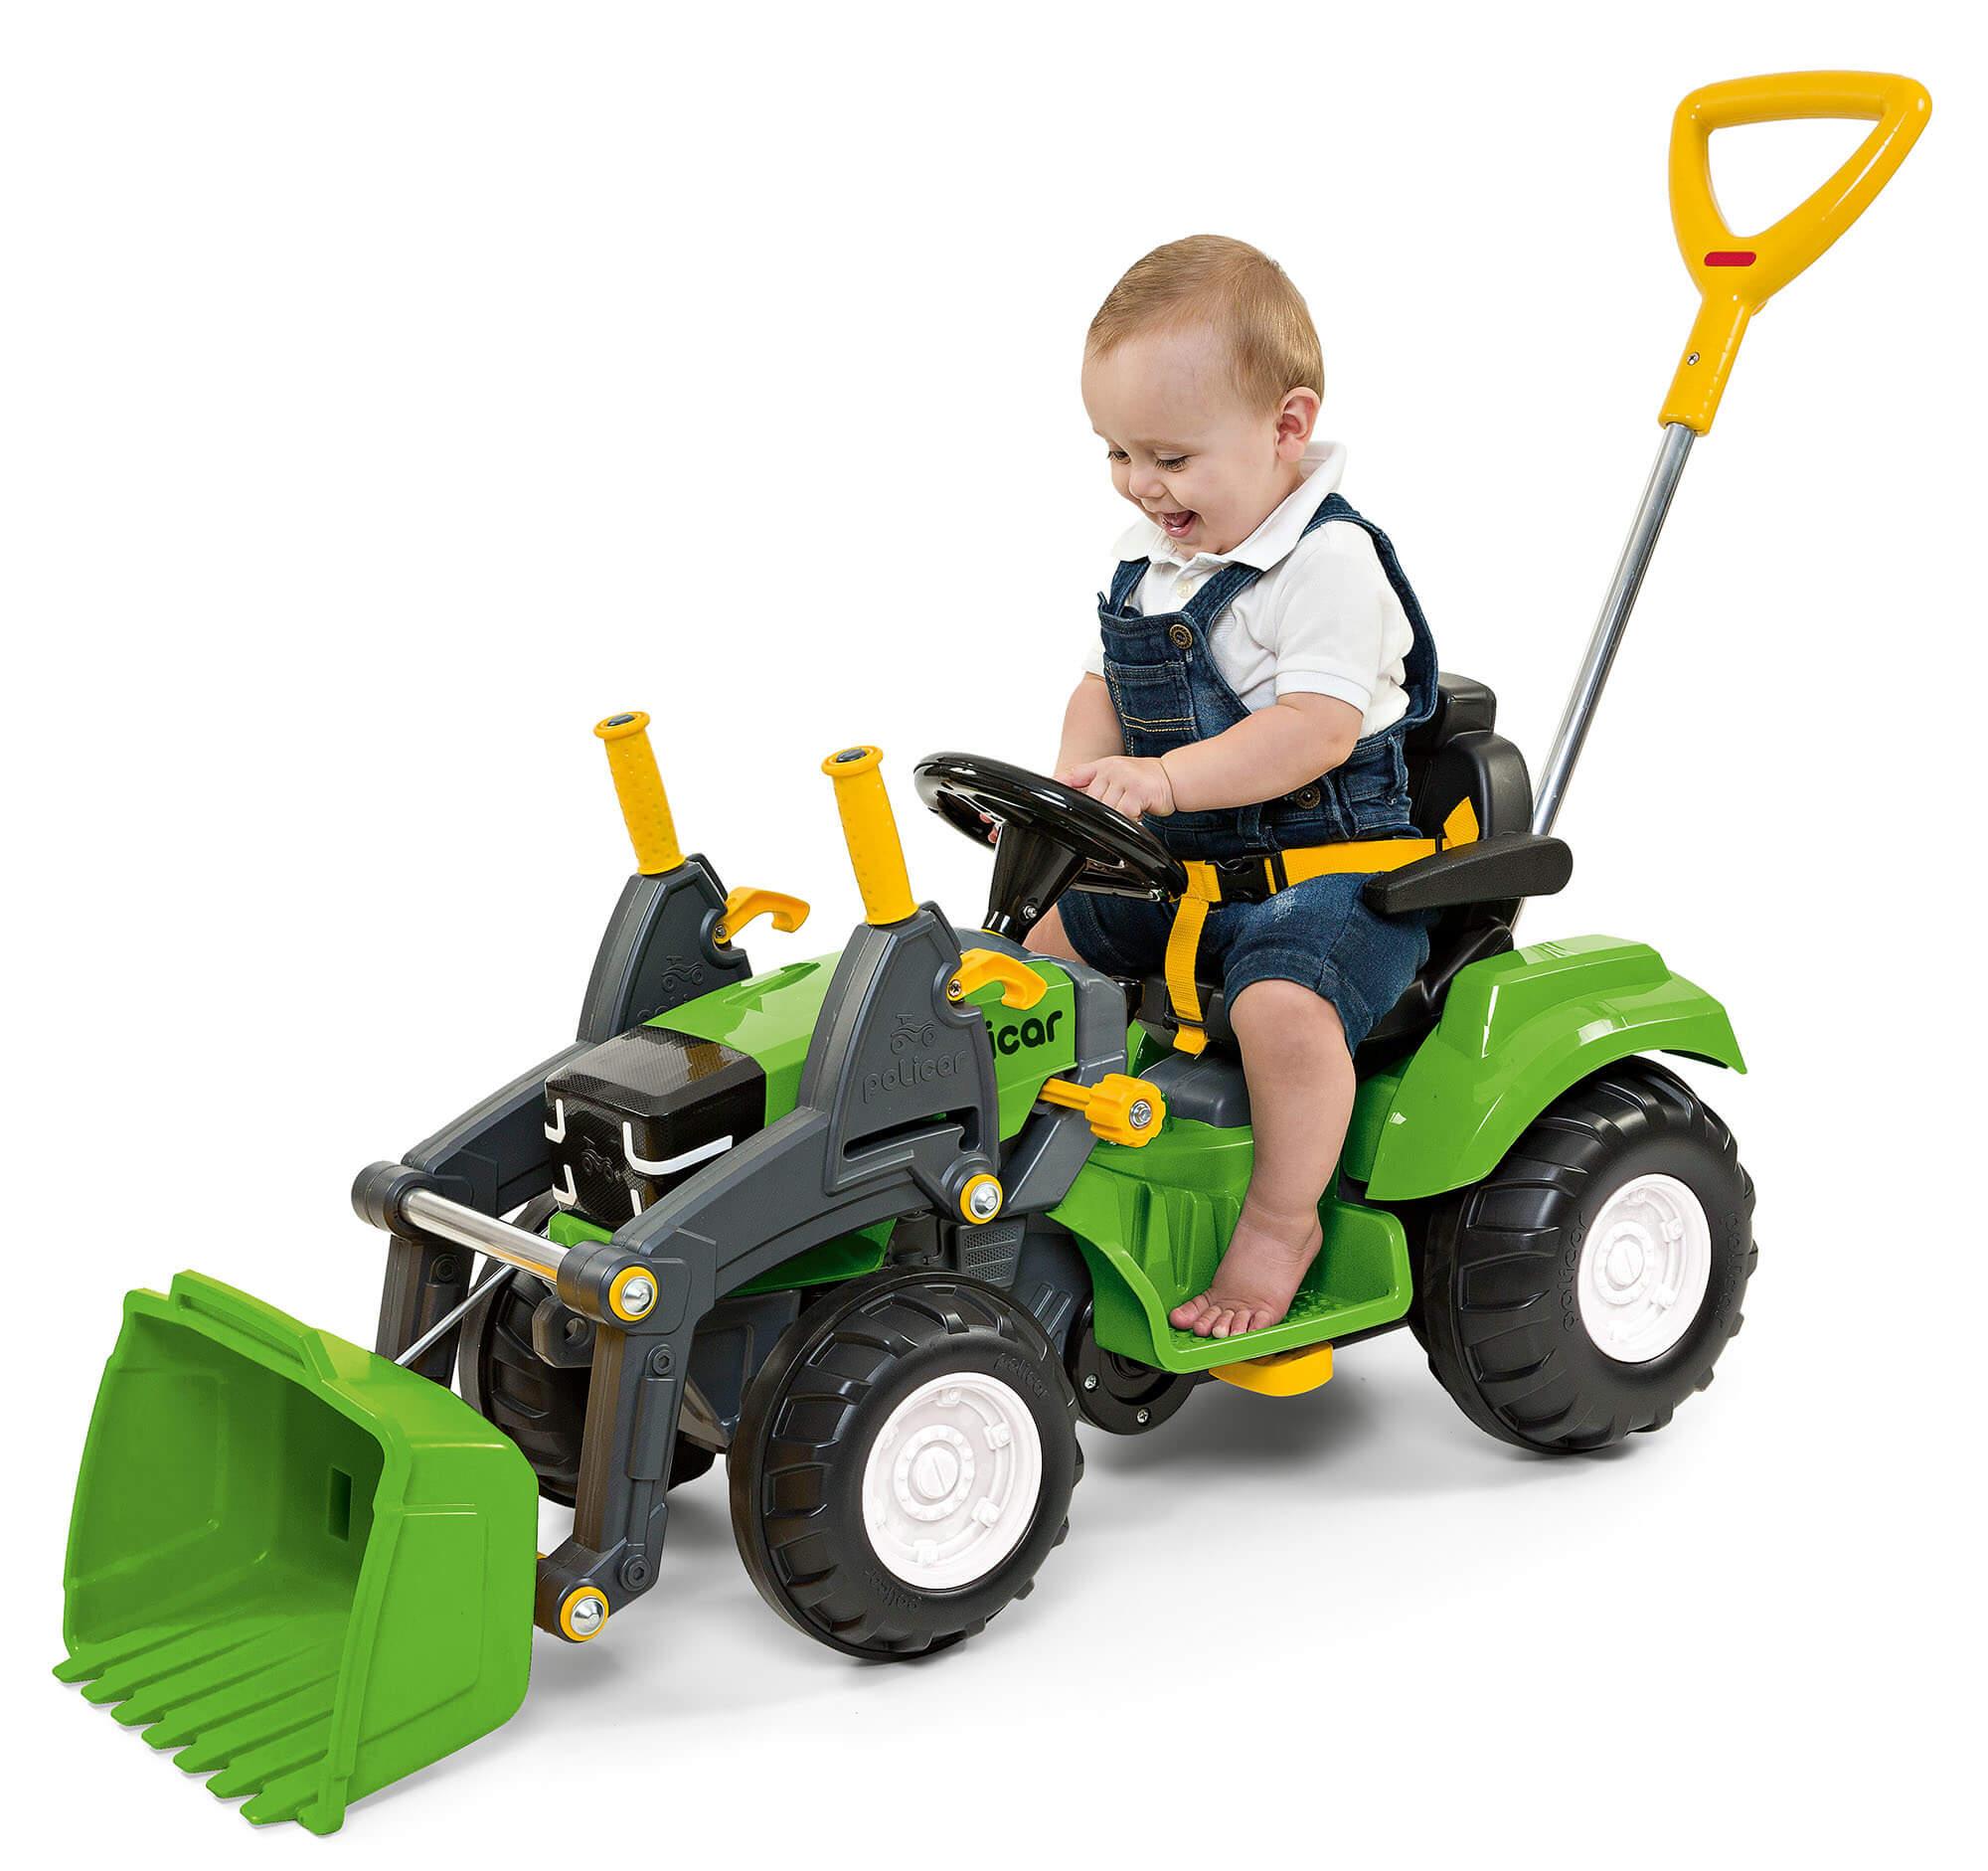 Trator Politractor Passeio E Pedal Com Concha Verde Poliplac